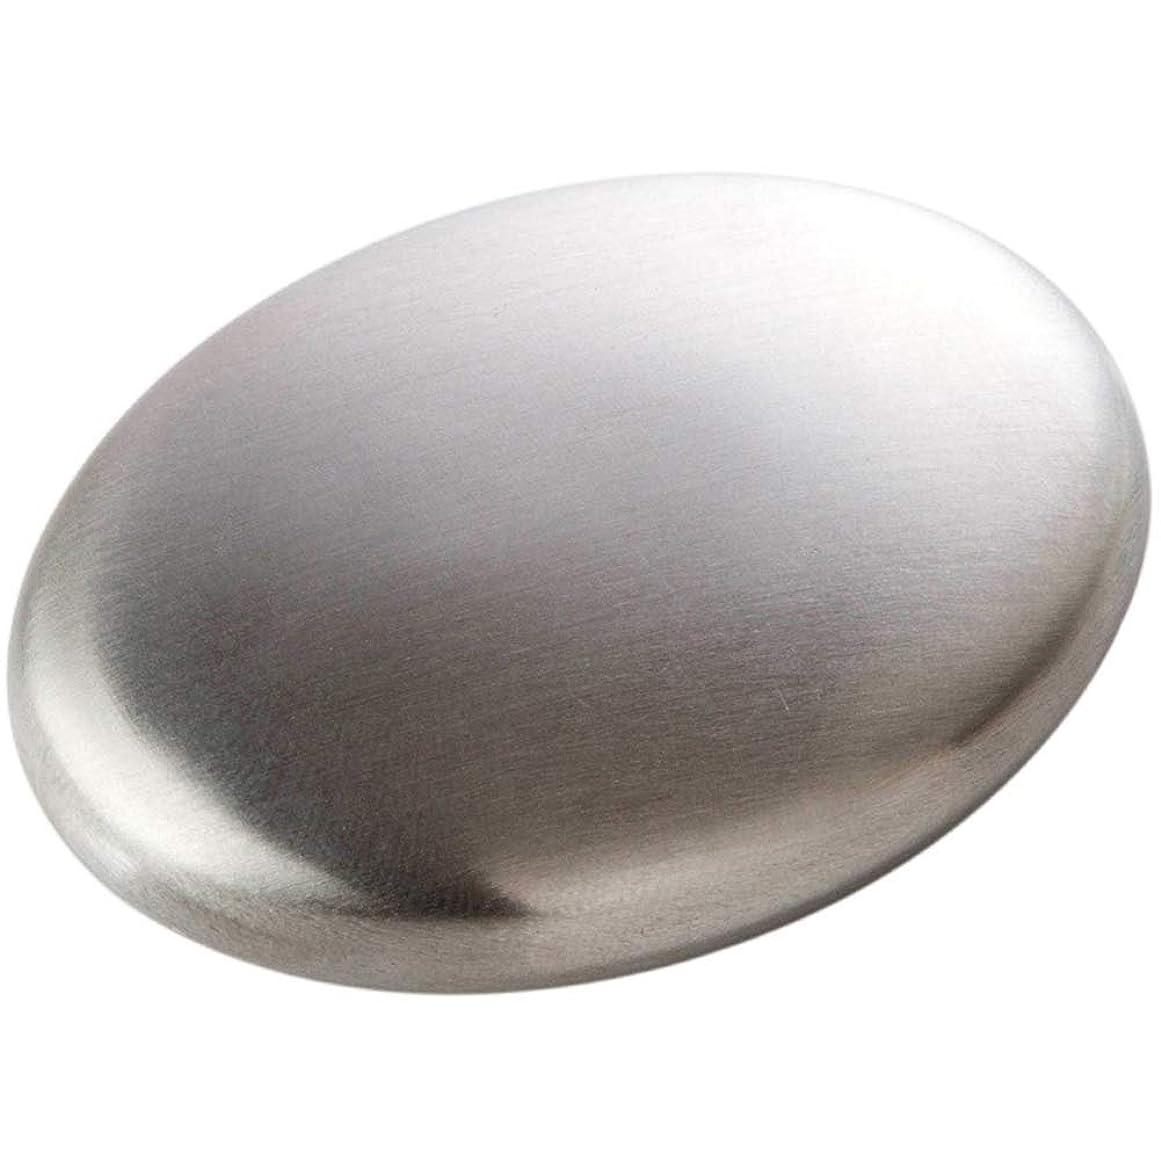 甘くする運命免疫するせっけん ステンレス鋼 消臭 石鹸 にんにくと魚のような臭いを取り除き ステンレス鋼 臭気除去剤 匂い除去剤 最新型 人気 実用的 Cutelove